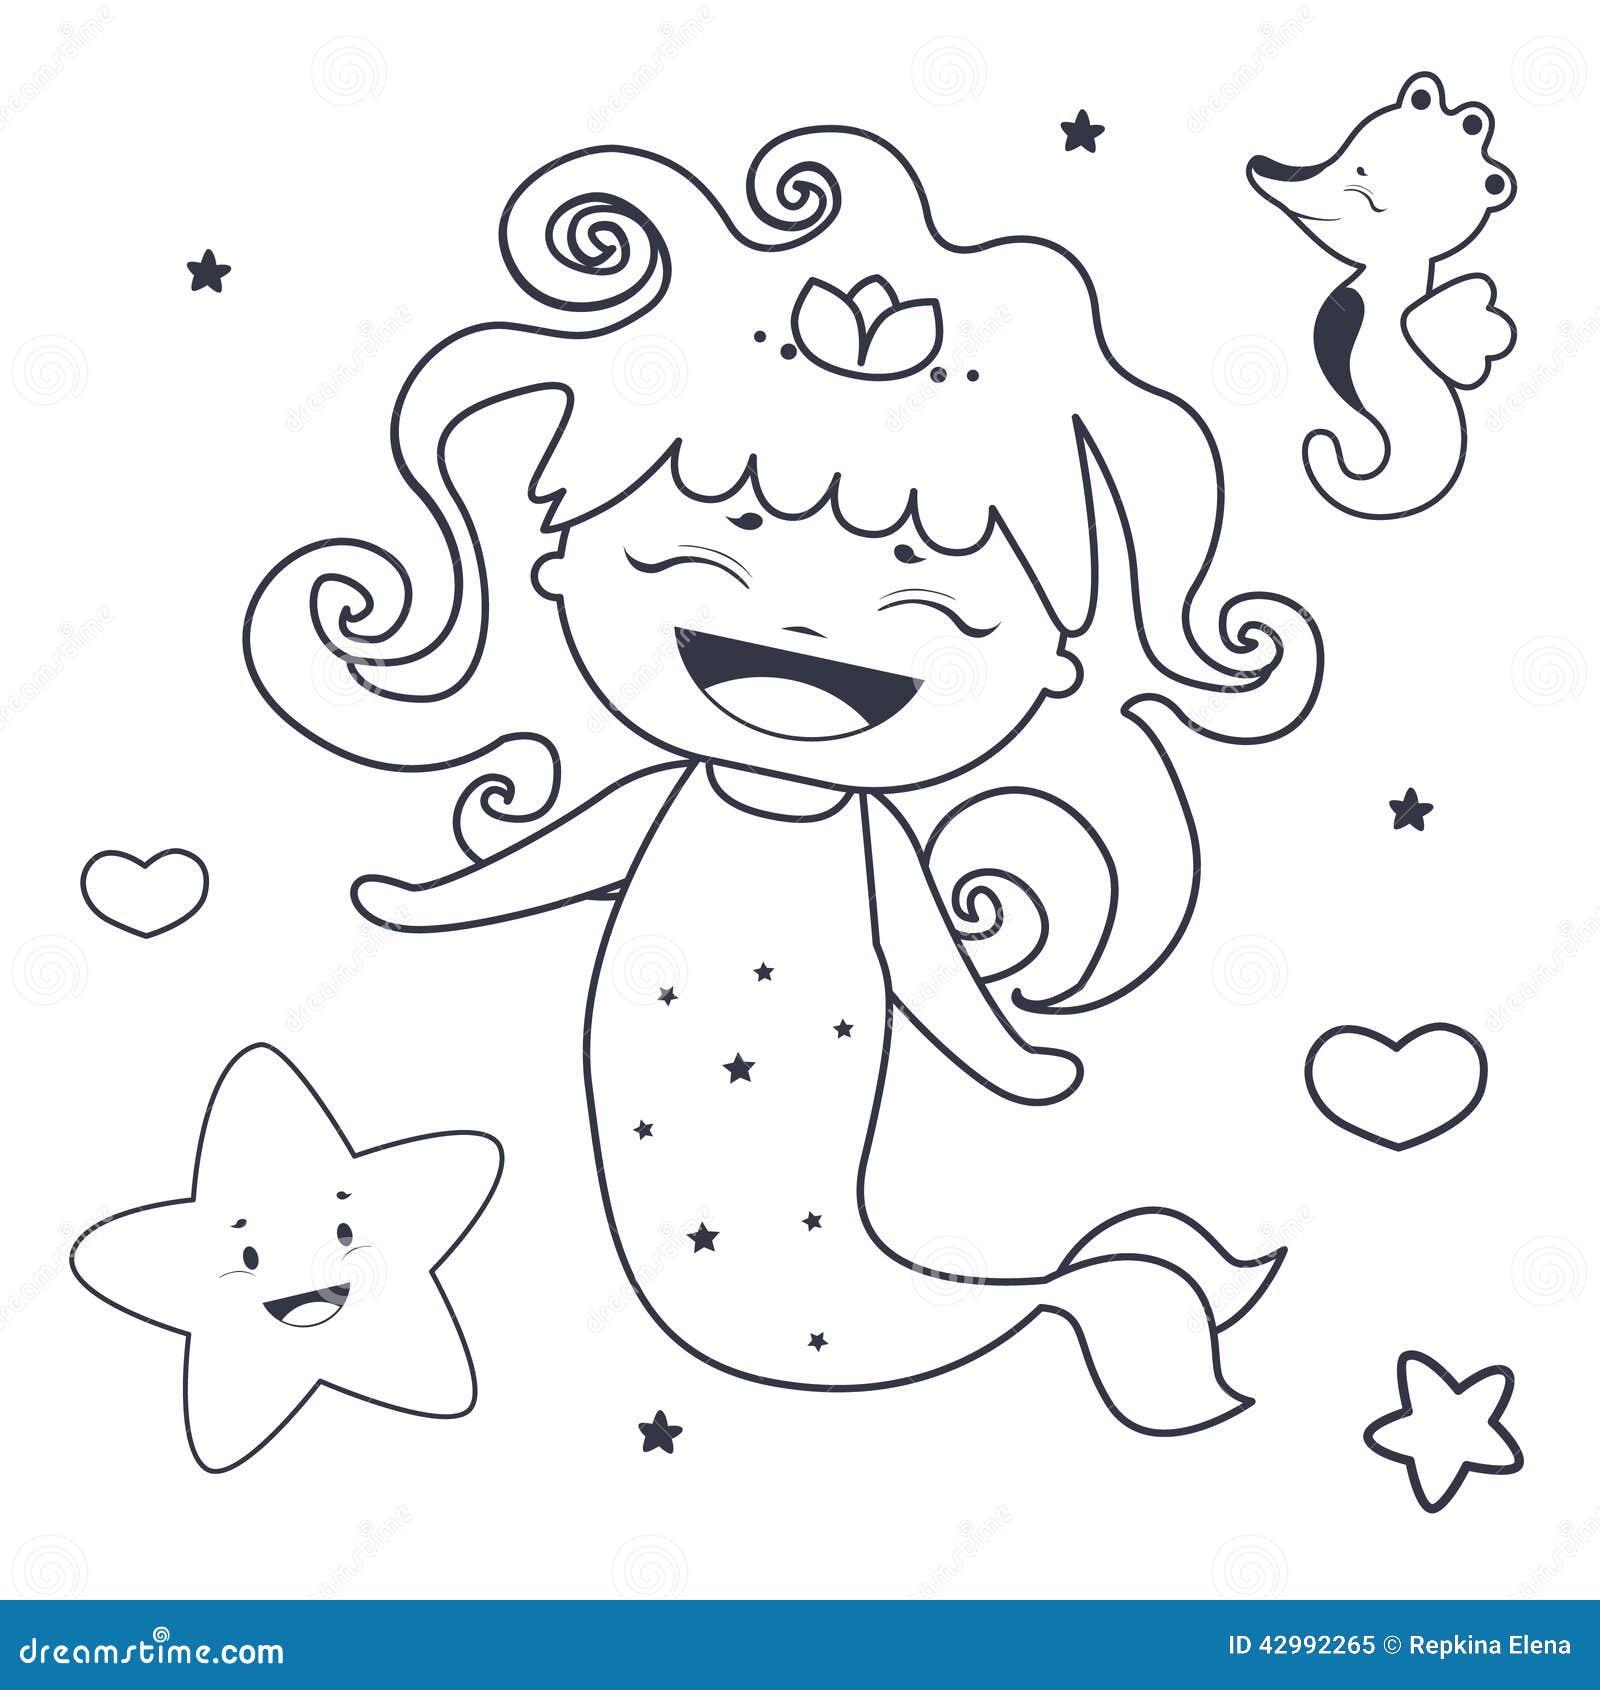 Sirena e libro da colorare adorabili degli amici - Sirena libro da colorare ...